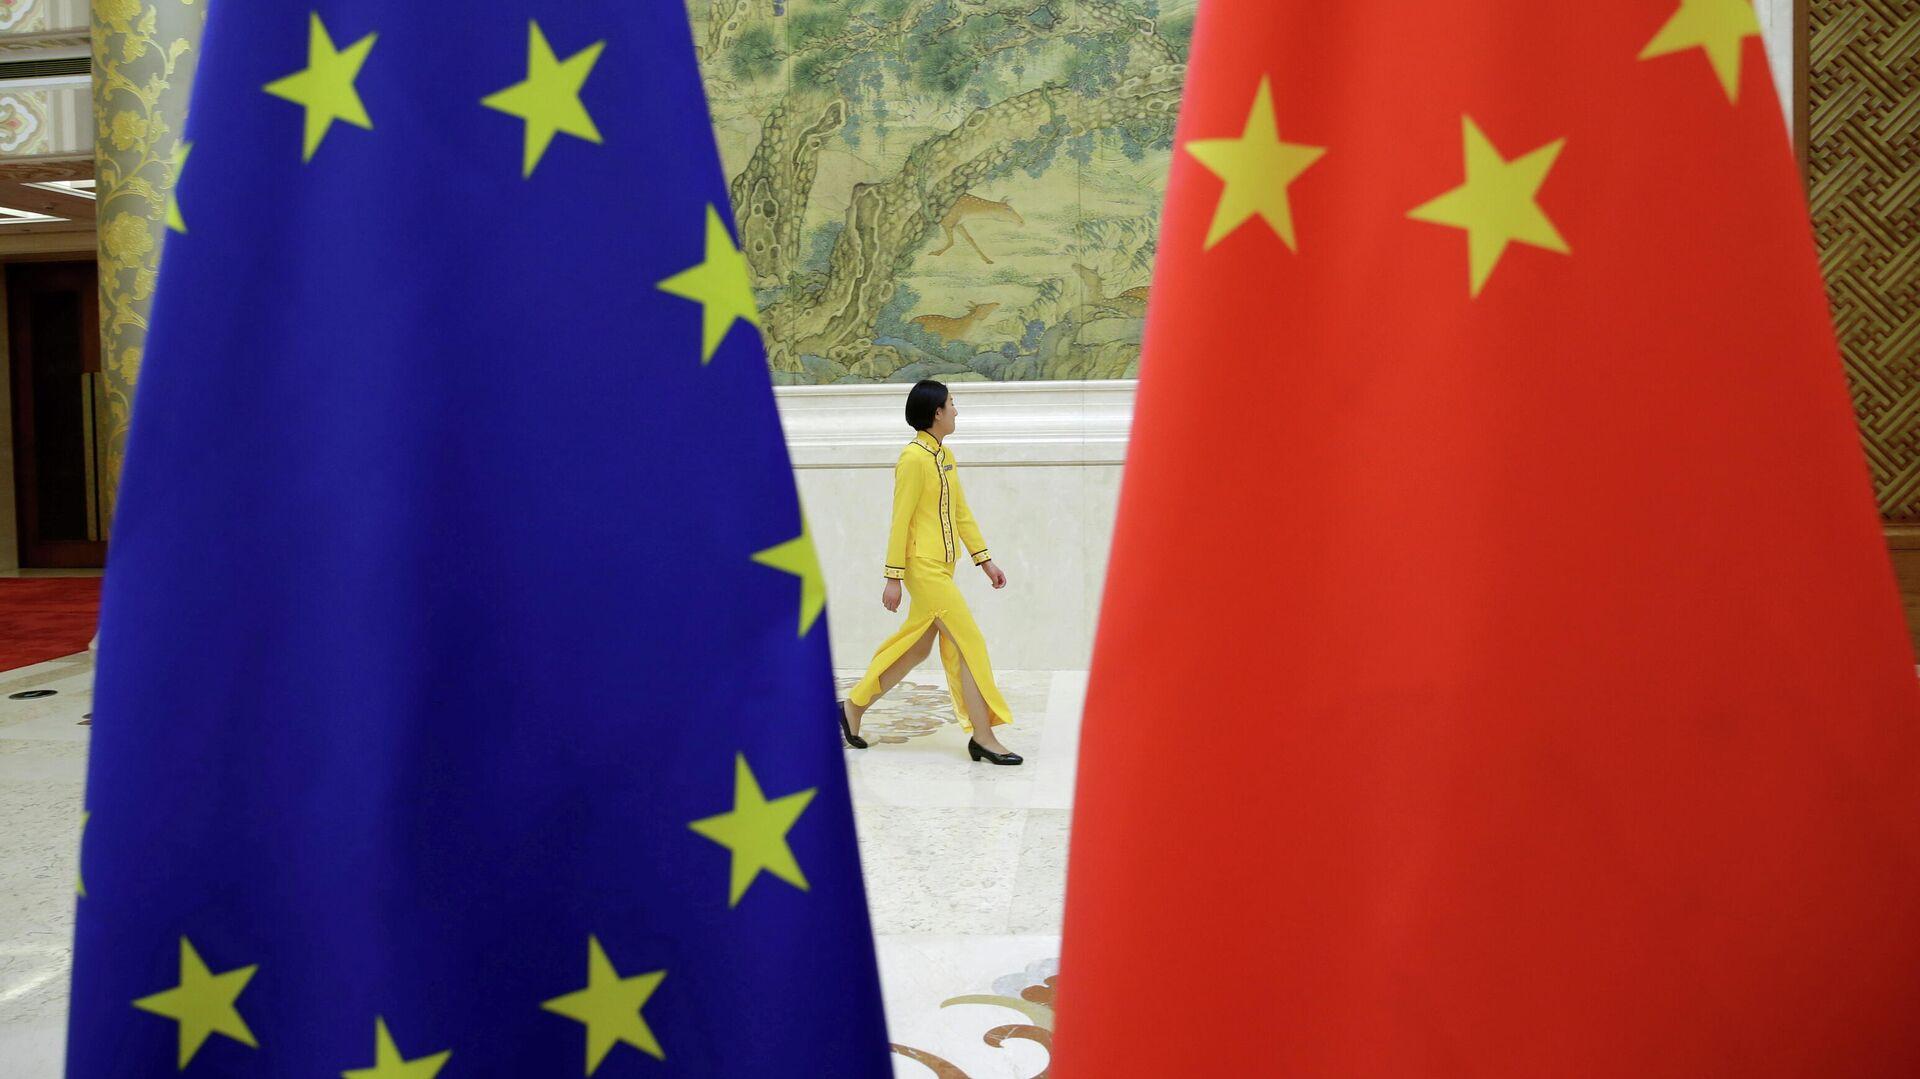 Флаги Евросоюза и Китая в Пекине  - РИА Новости, 1920, 02.06.2021